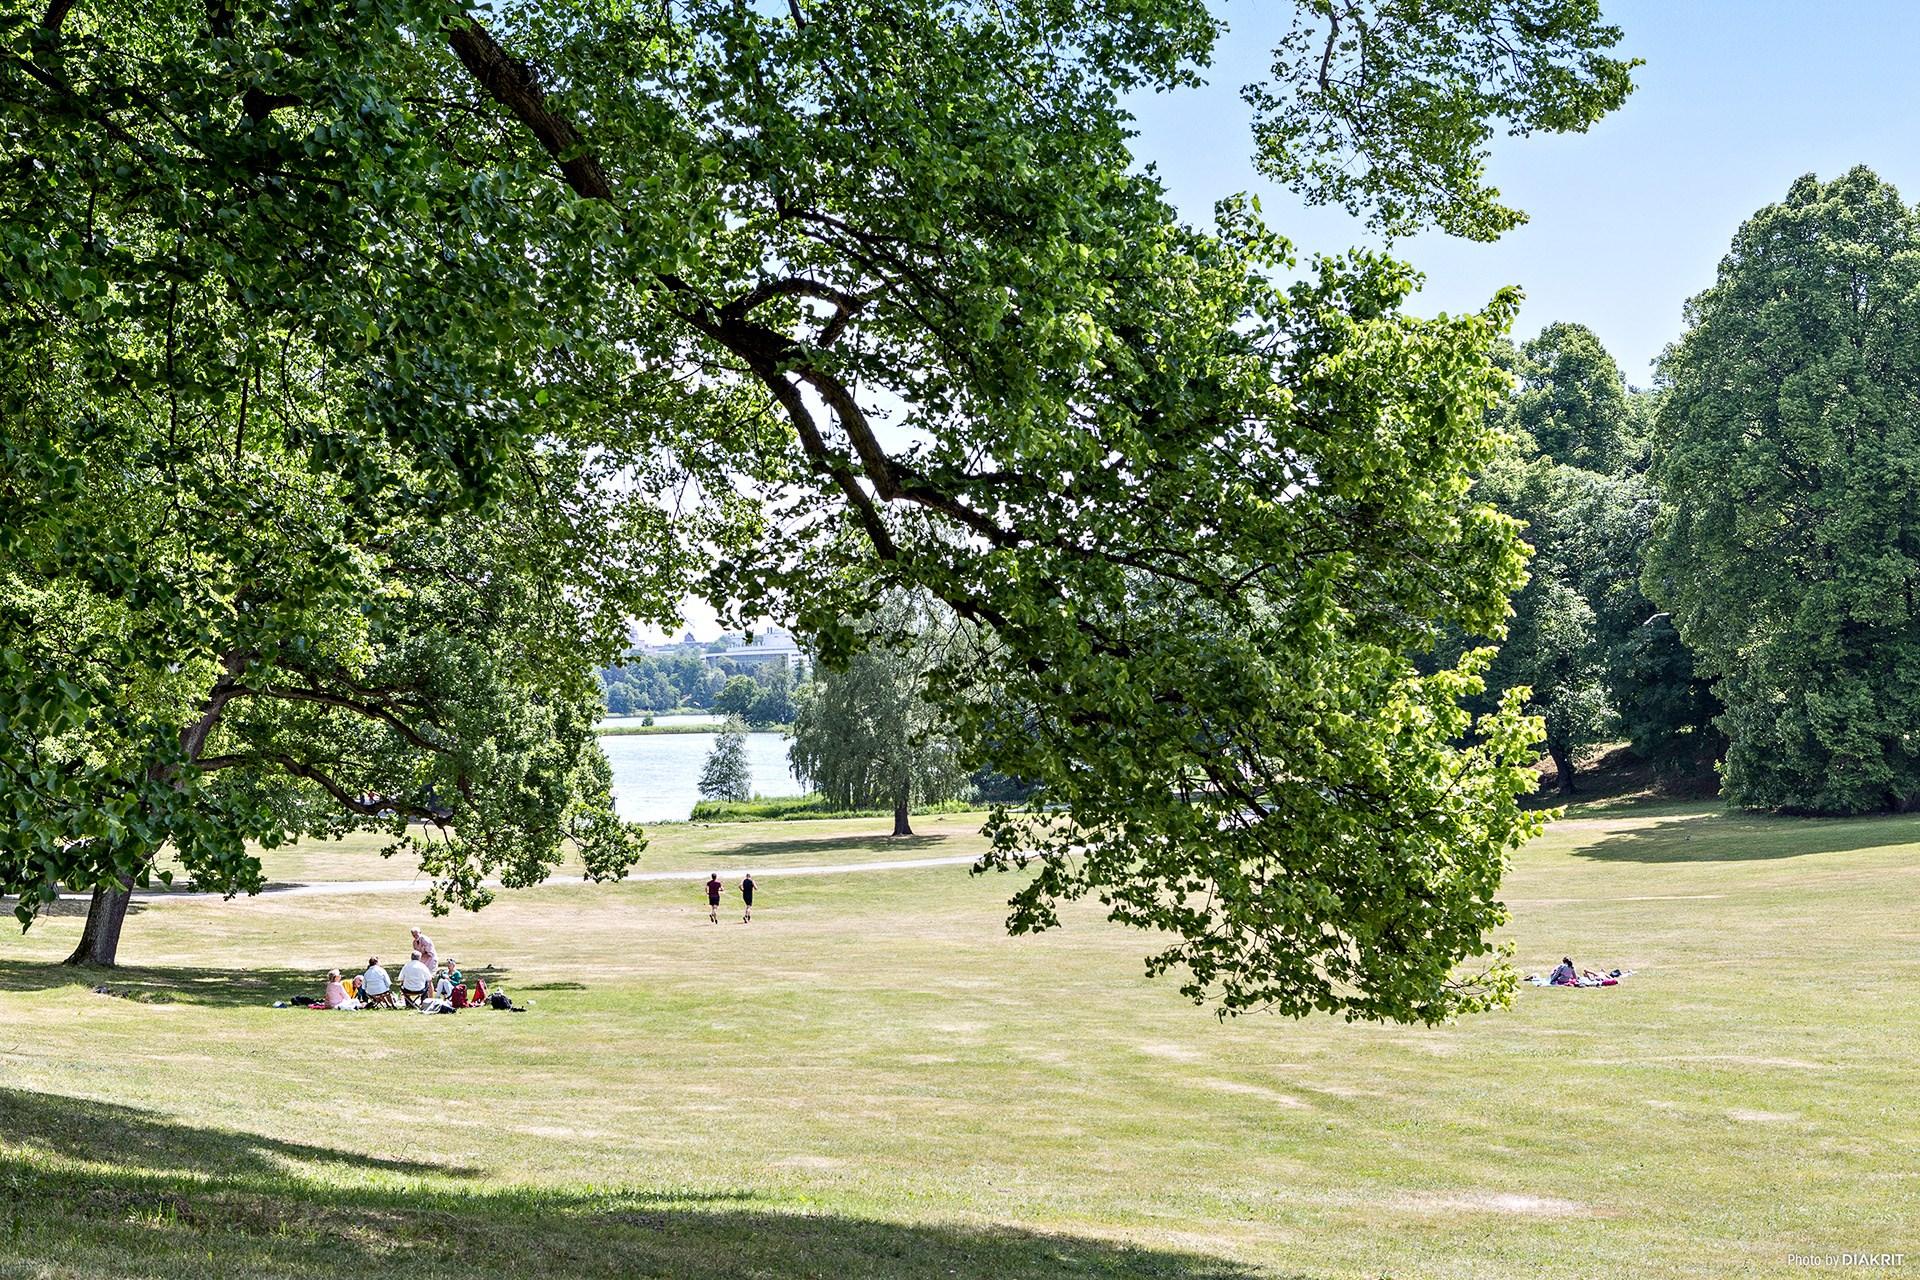 Stockholms härligaste park - Hagaparken!